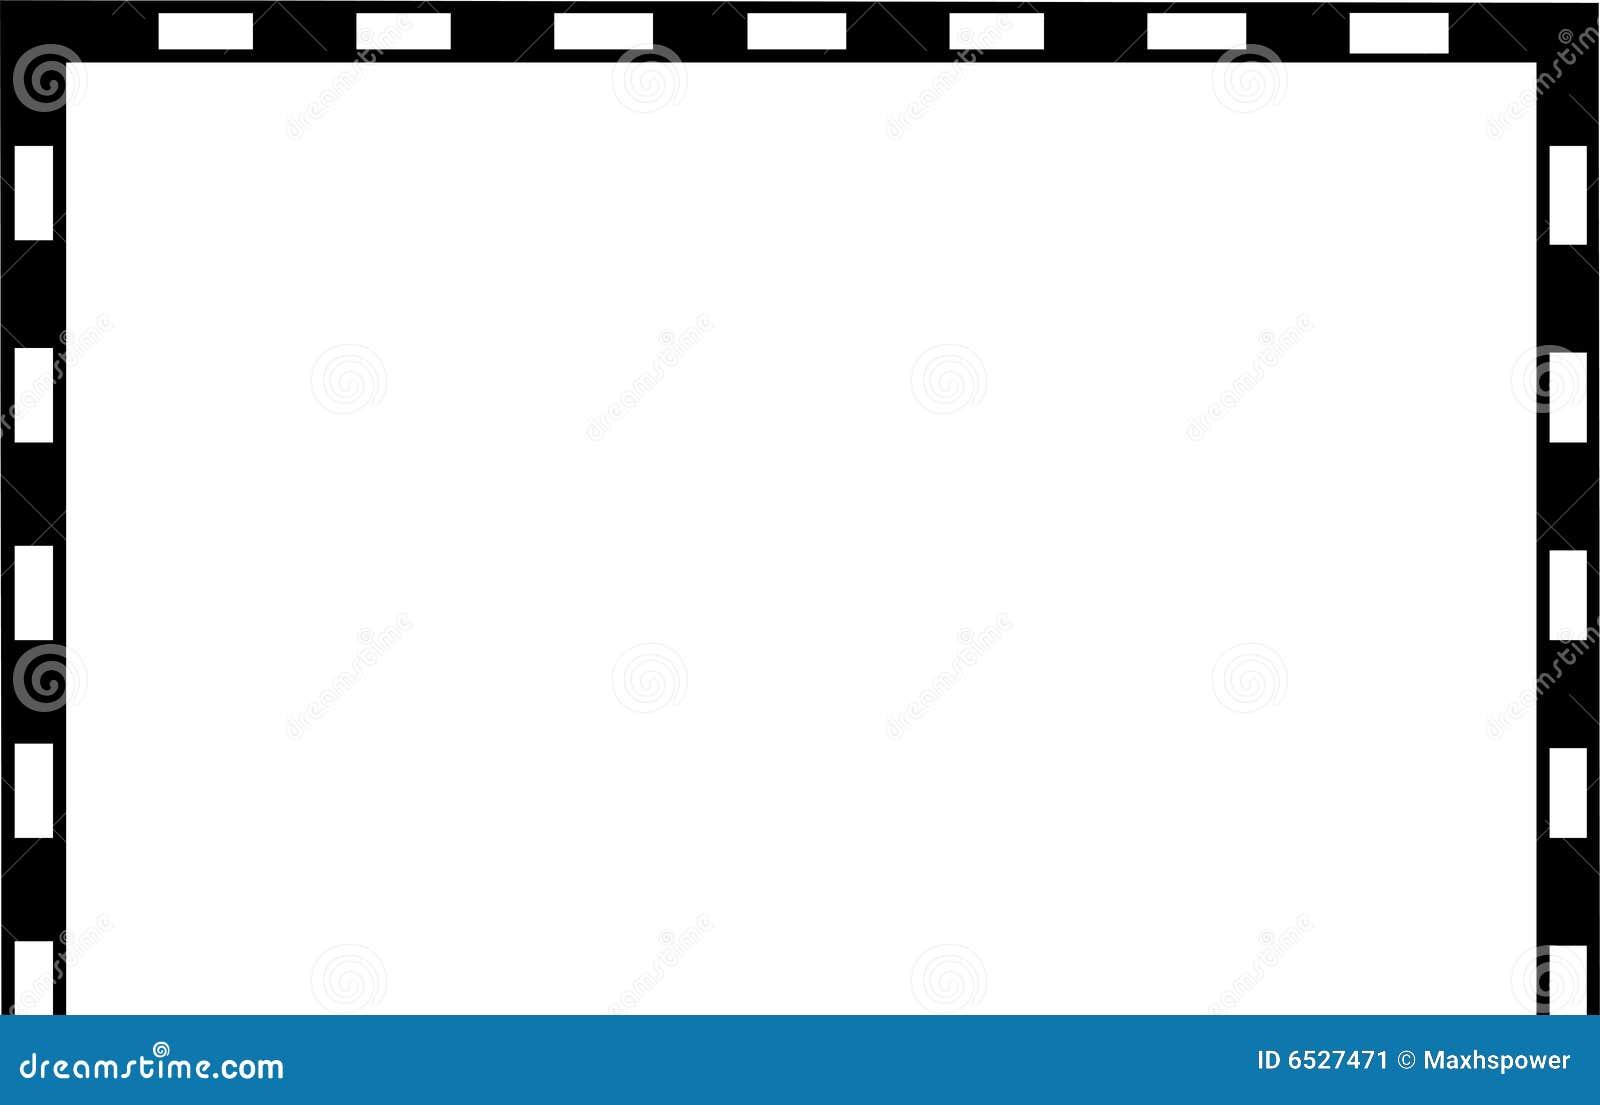 Handball Goal Stock Image - Image: 6527471